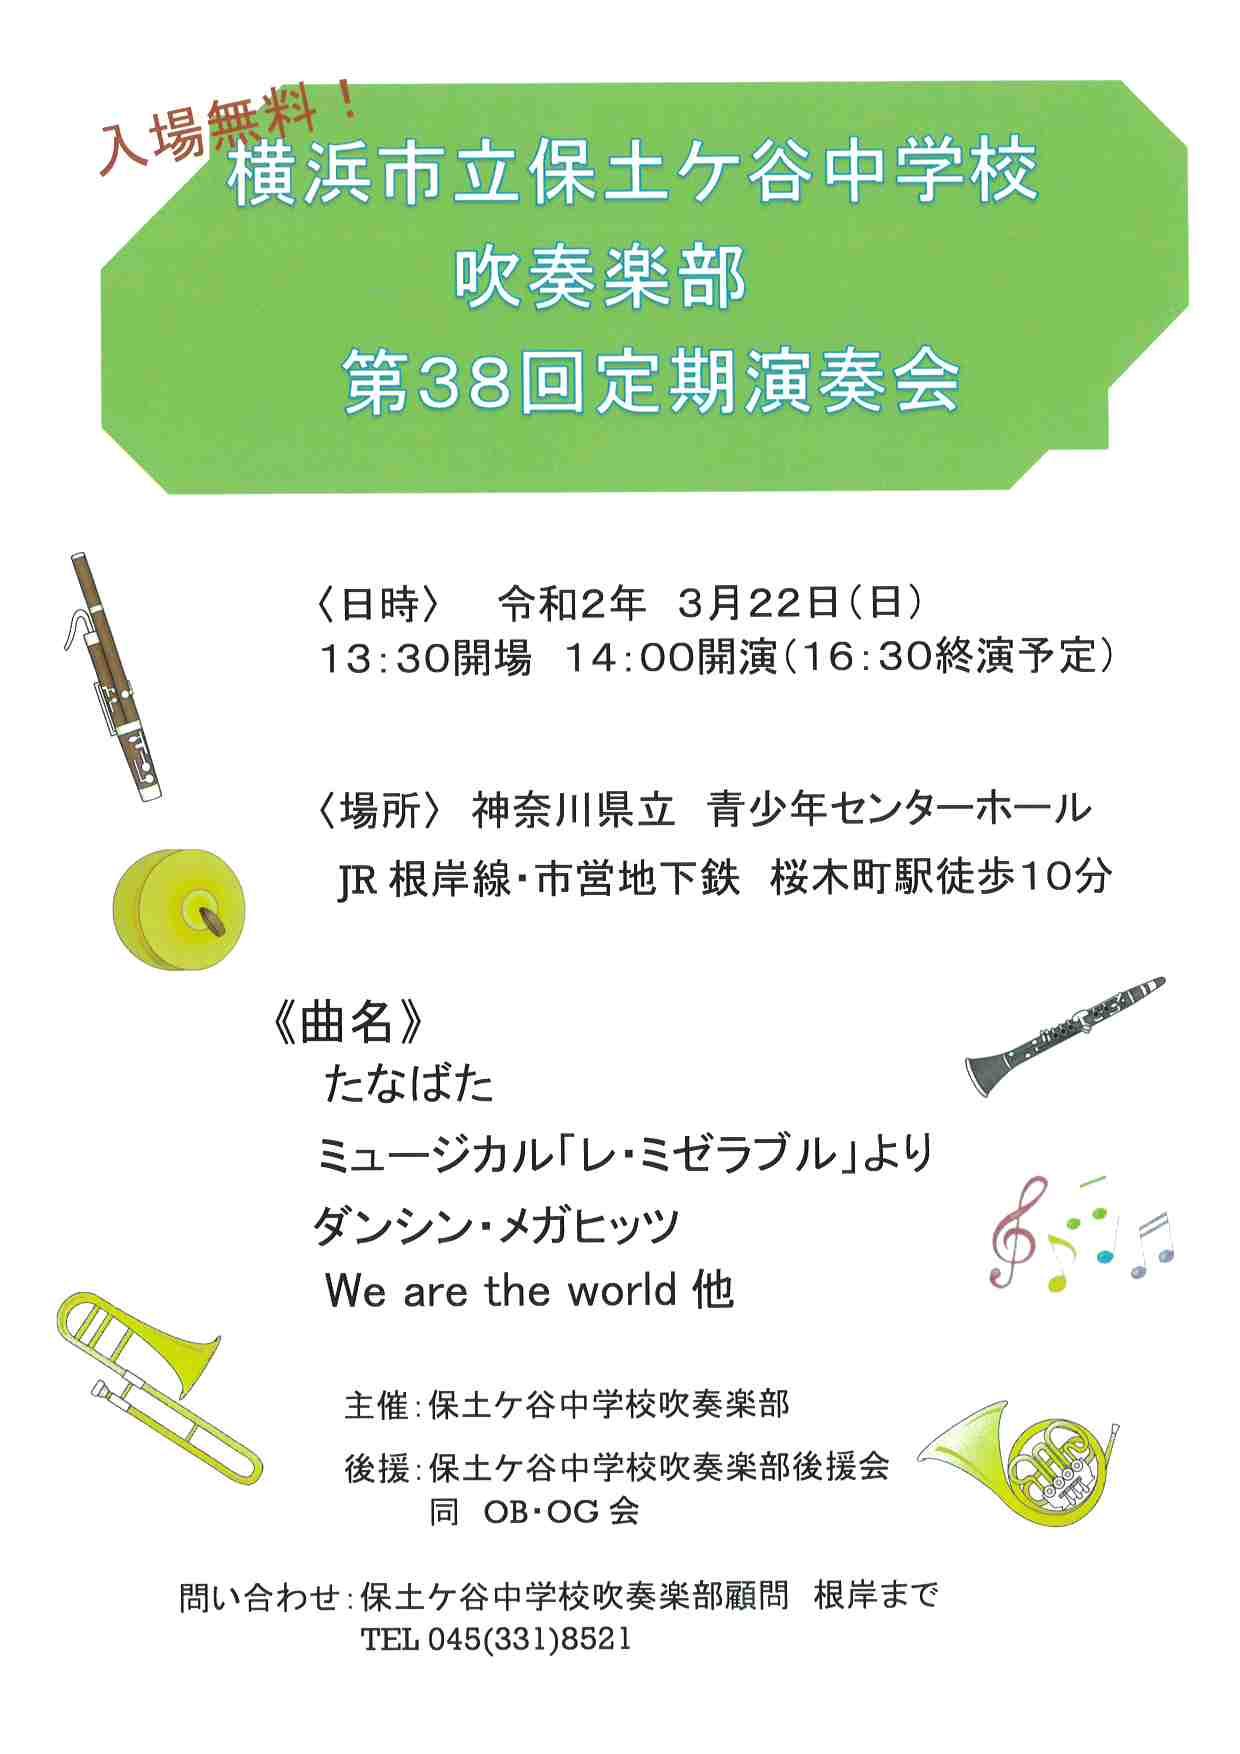 横浜市保土ヶ谷中学校吹奏楽部 第38回定期演奏会